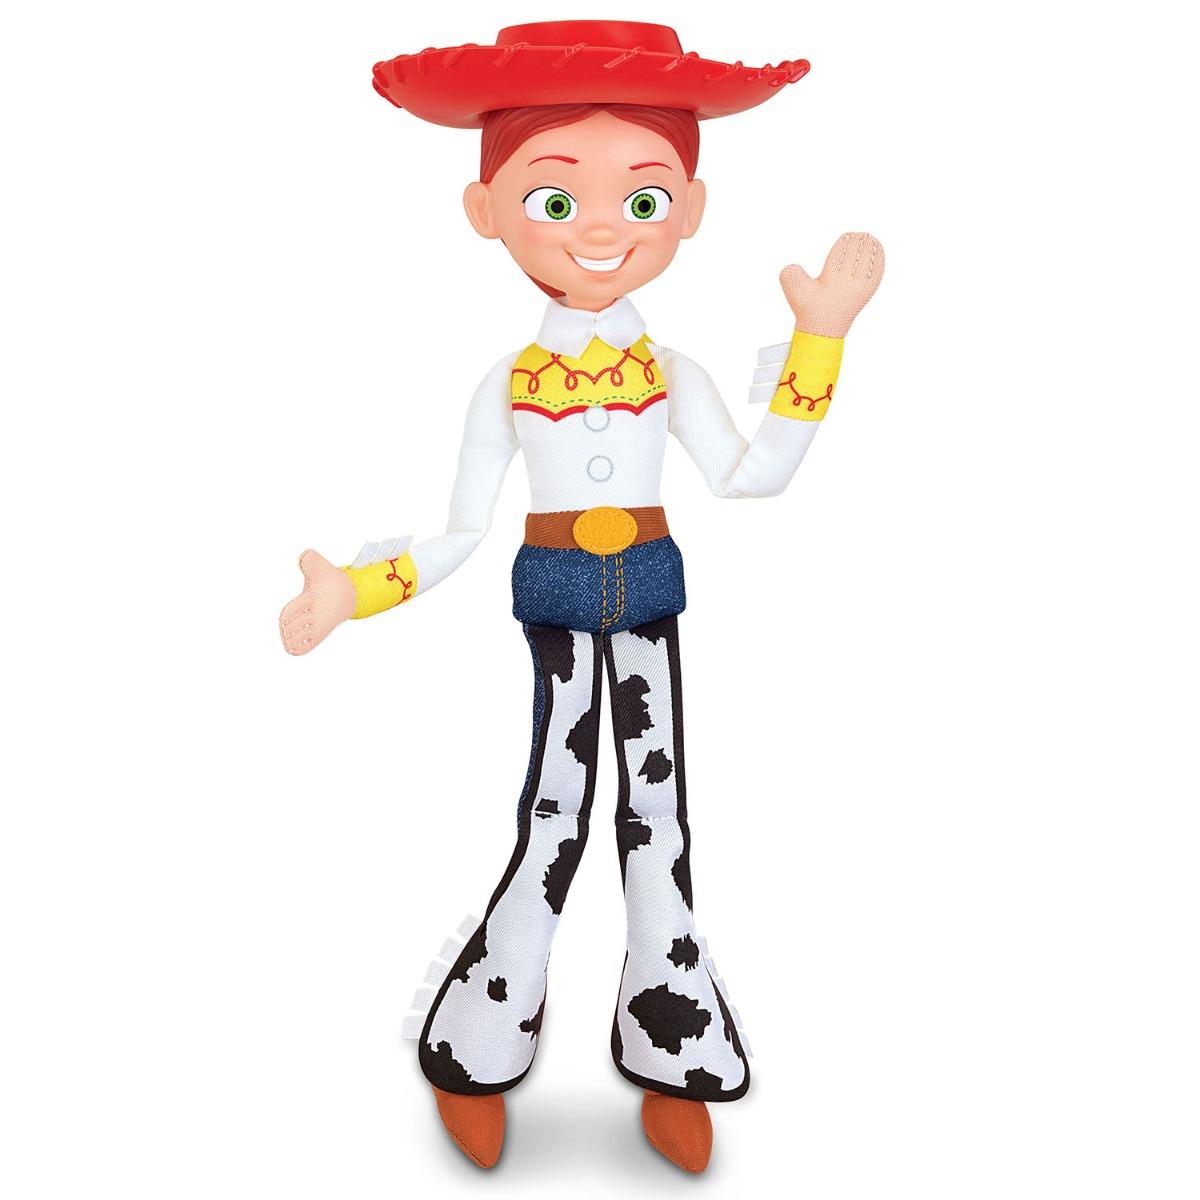 Figurina Toy Story 4, Jessie